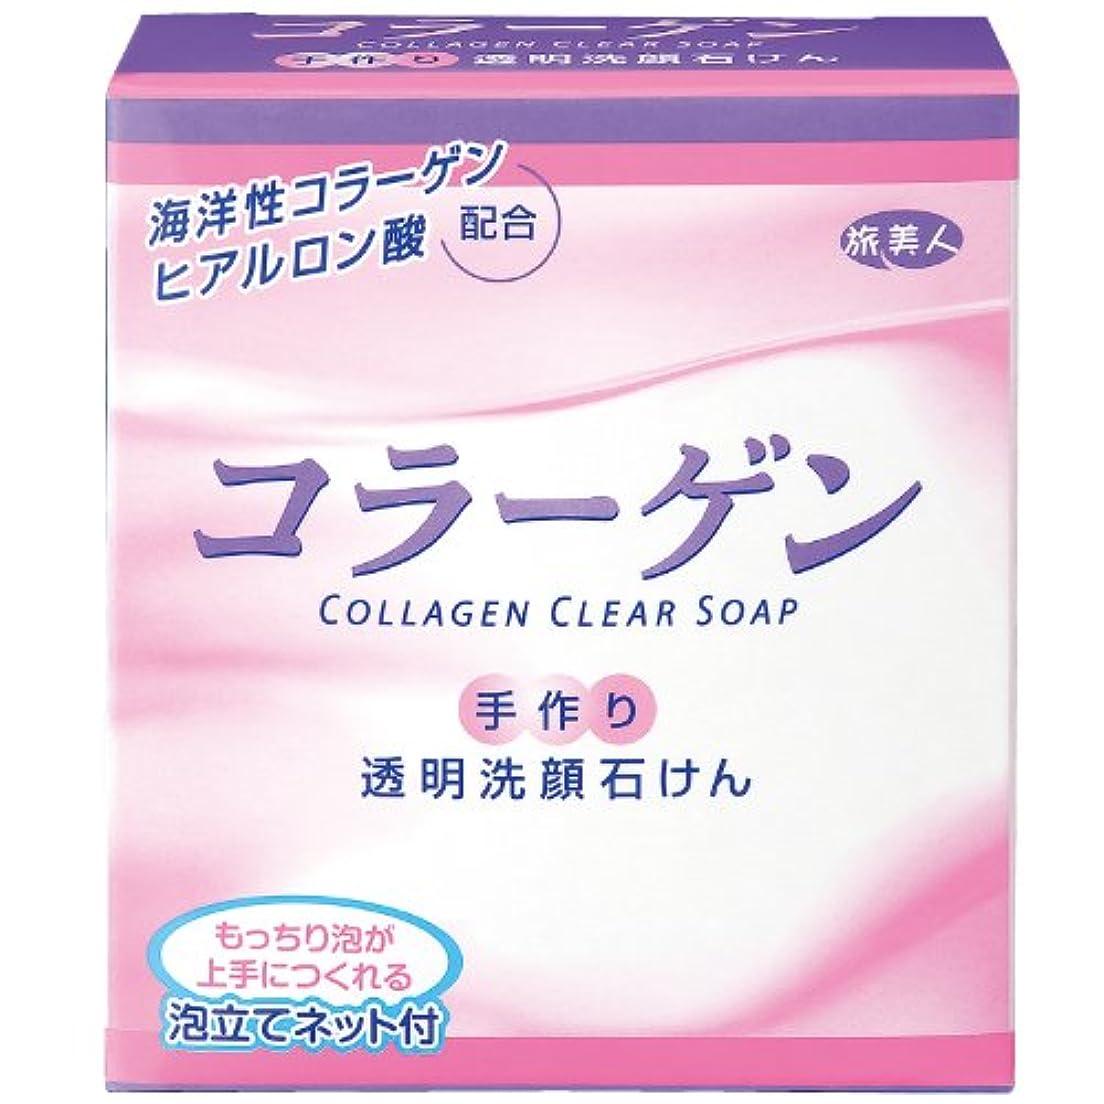 しなければならない普通に告白するアズマ商事の コラーゲン透明洗顔石鹸 手作り